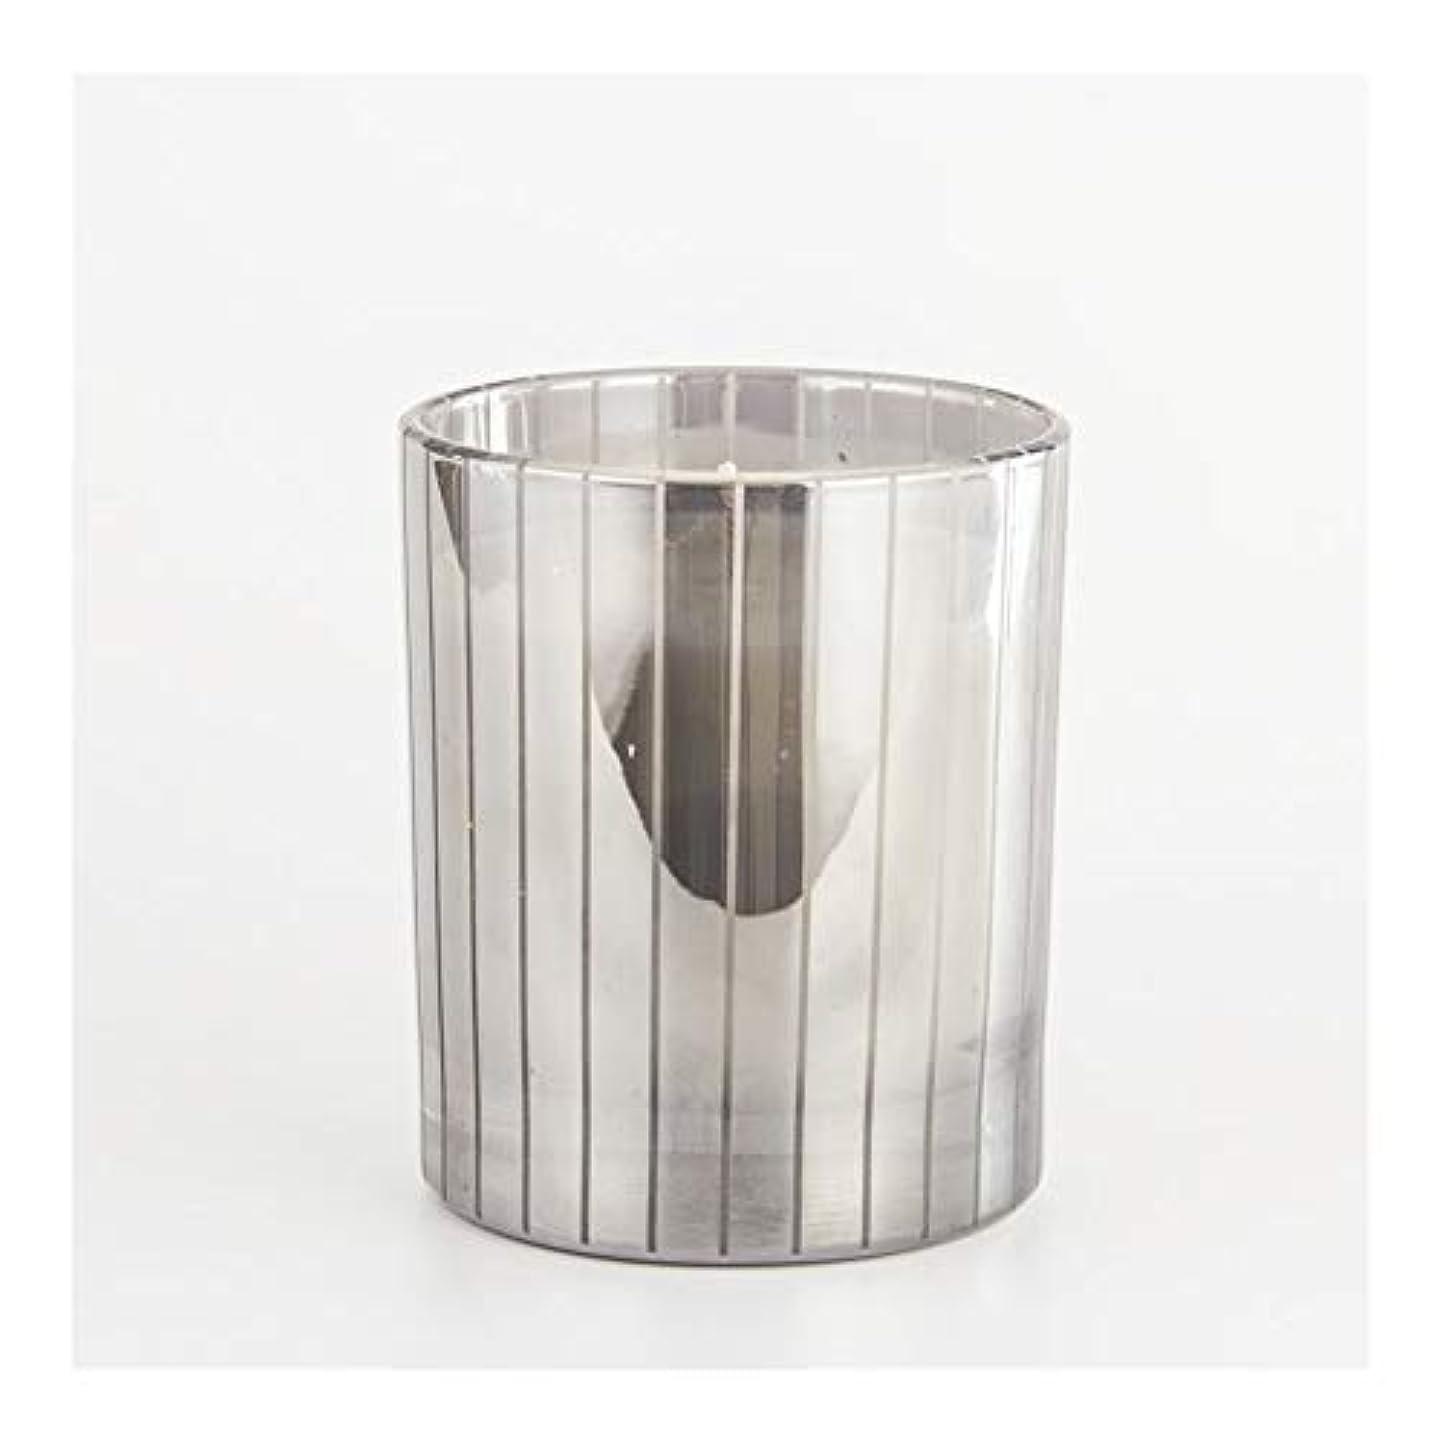 冷酷なクラッシュ勃起ACAO シルバーストライプカップキャンドルカップワックスワックスアロマセラピーキャンドルガラスワックスカップ